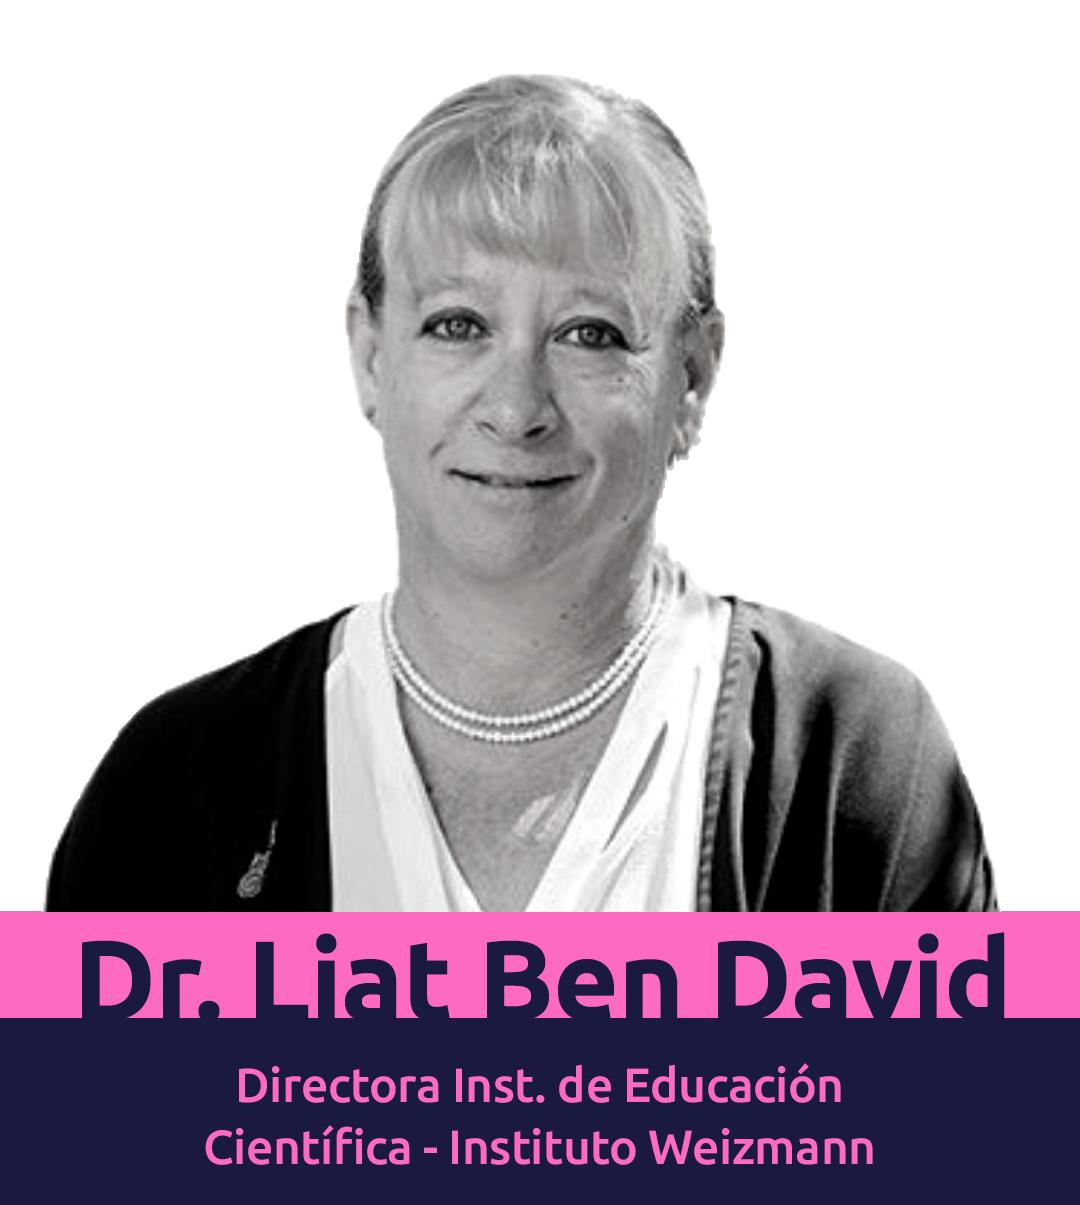 Dr. Liat Ben David